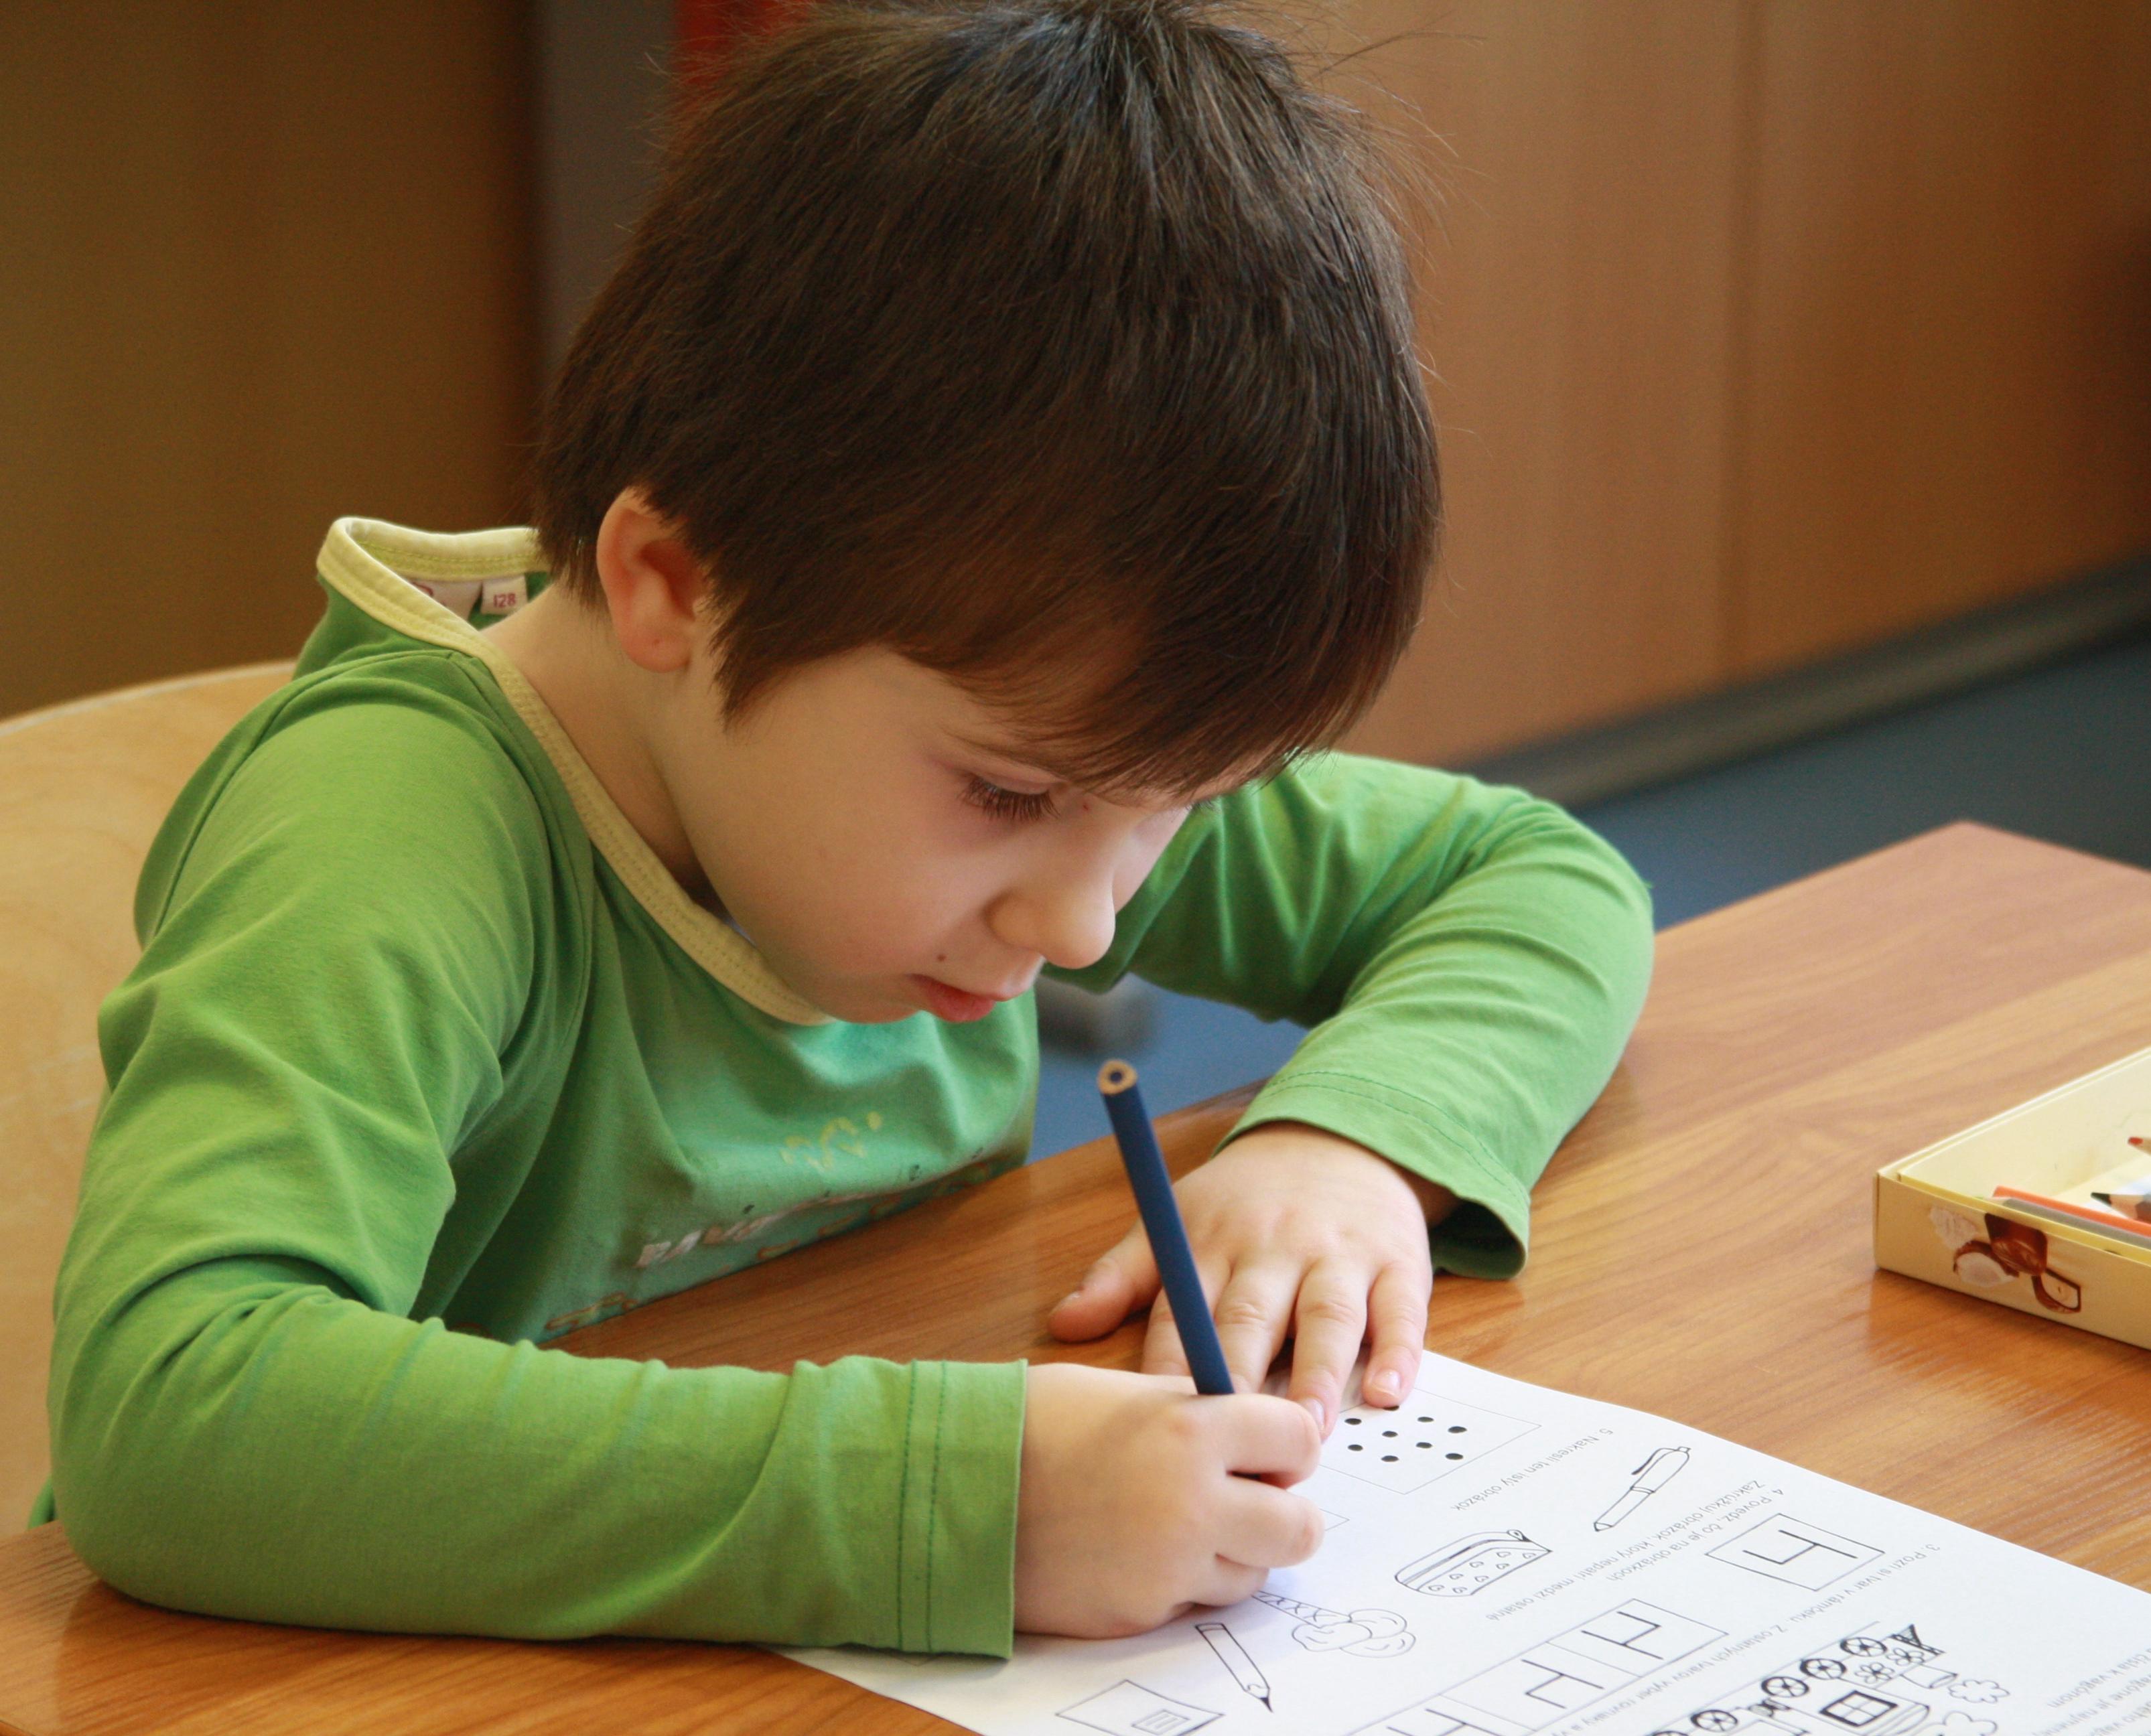 В Кирове обнаружили семью, где 9-летний мальчик ни разу не ходил в школу